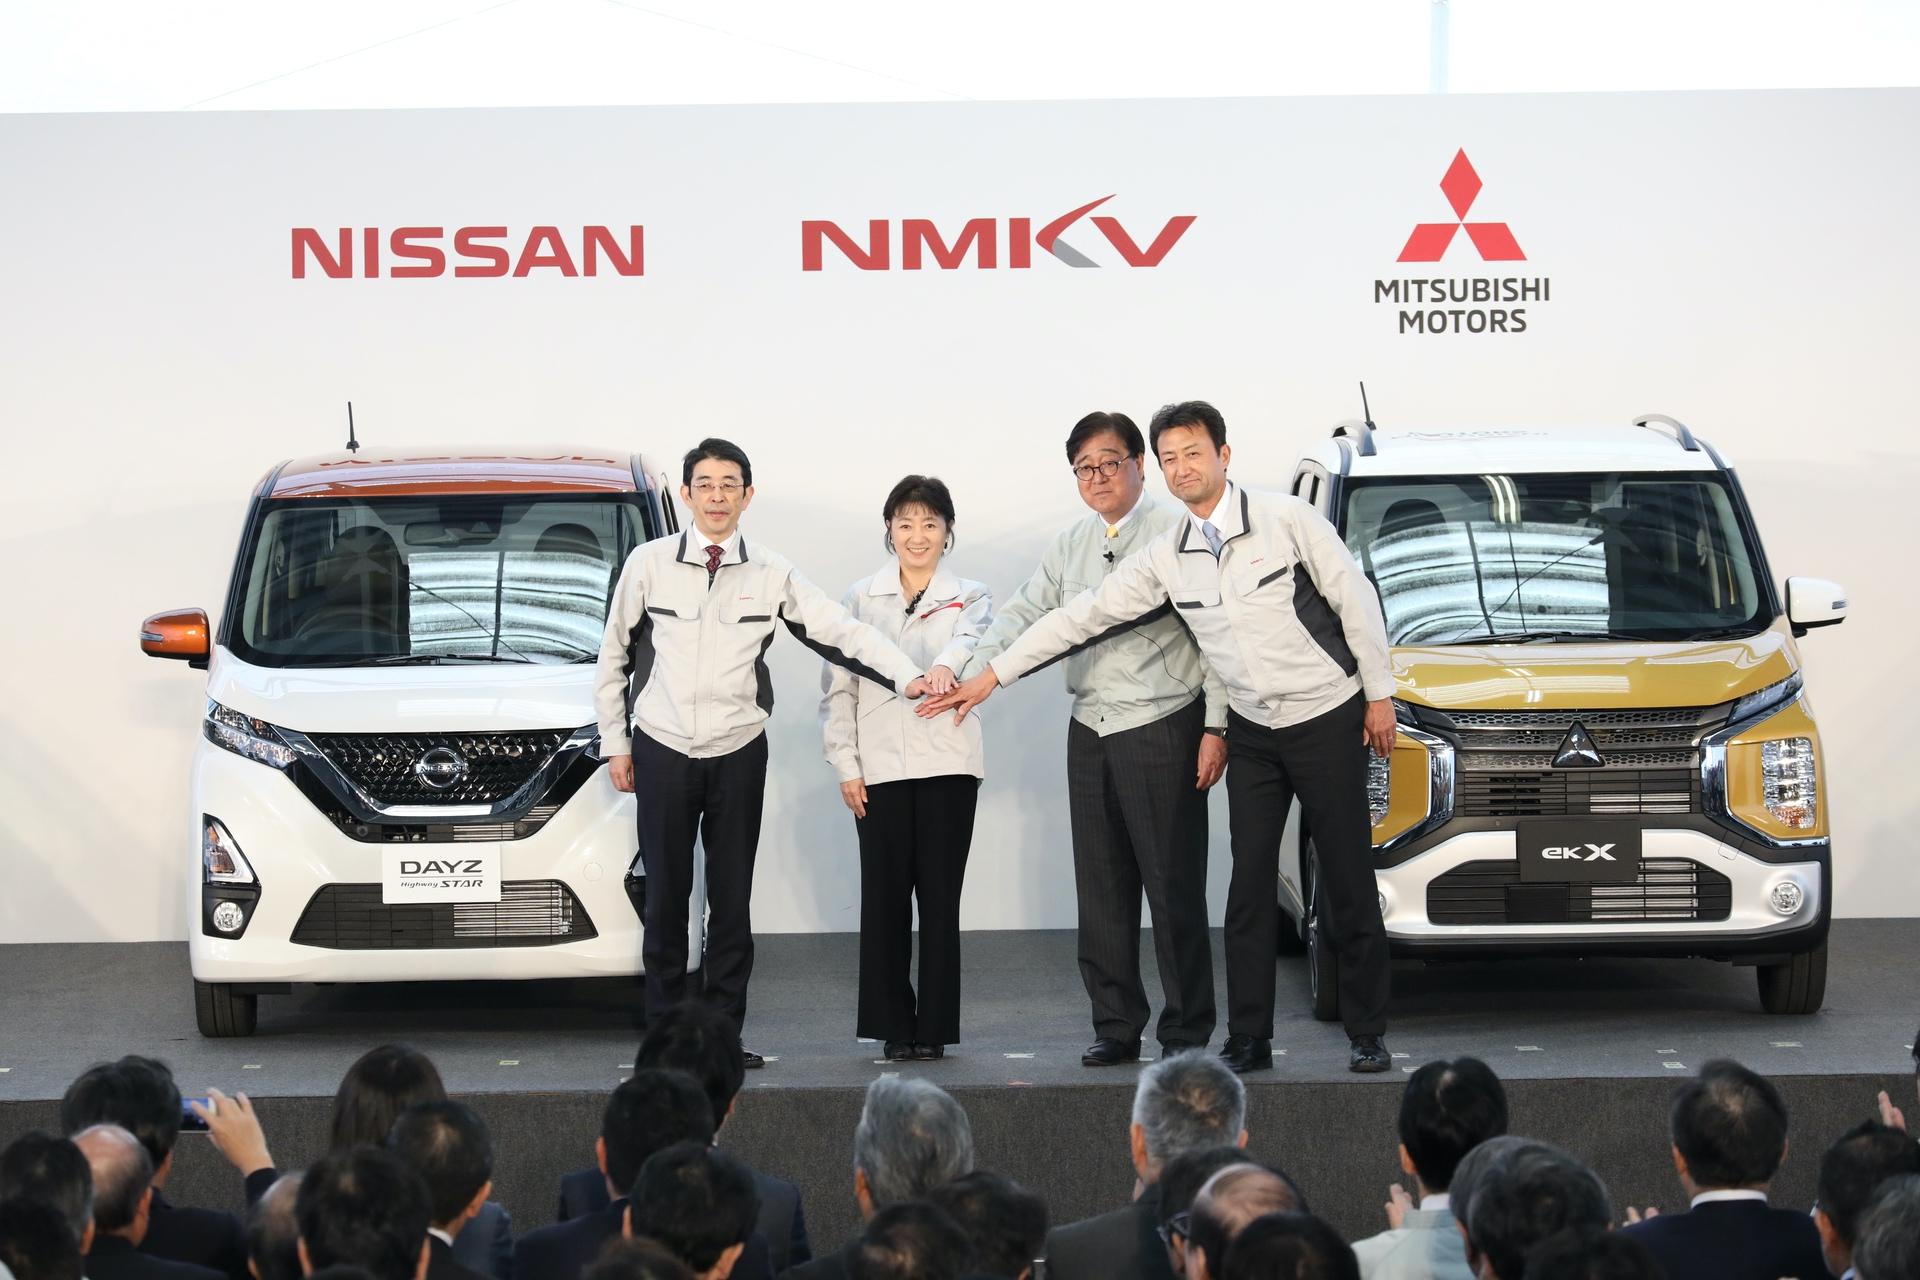 Nissan_Mitsubishi_kei_cars_0000